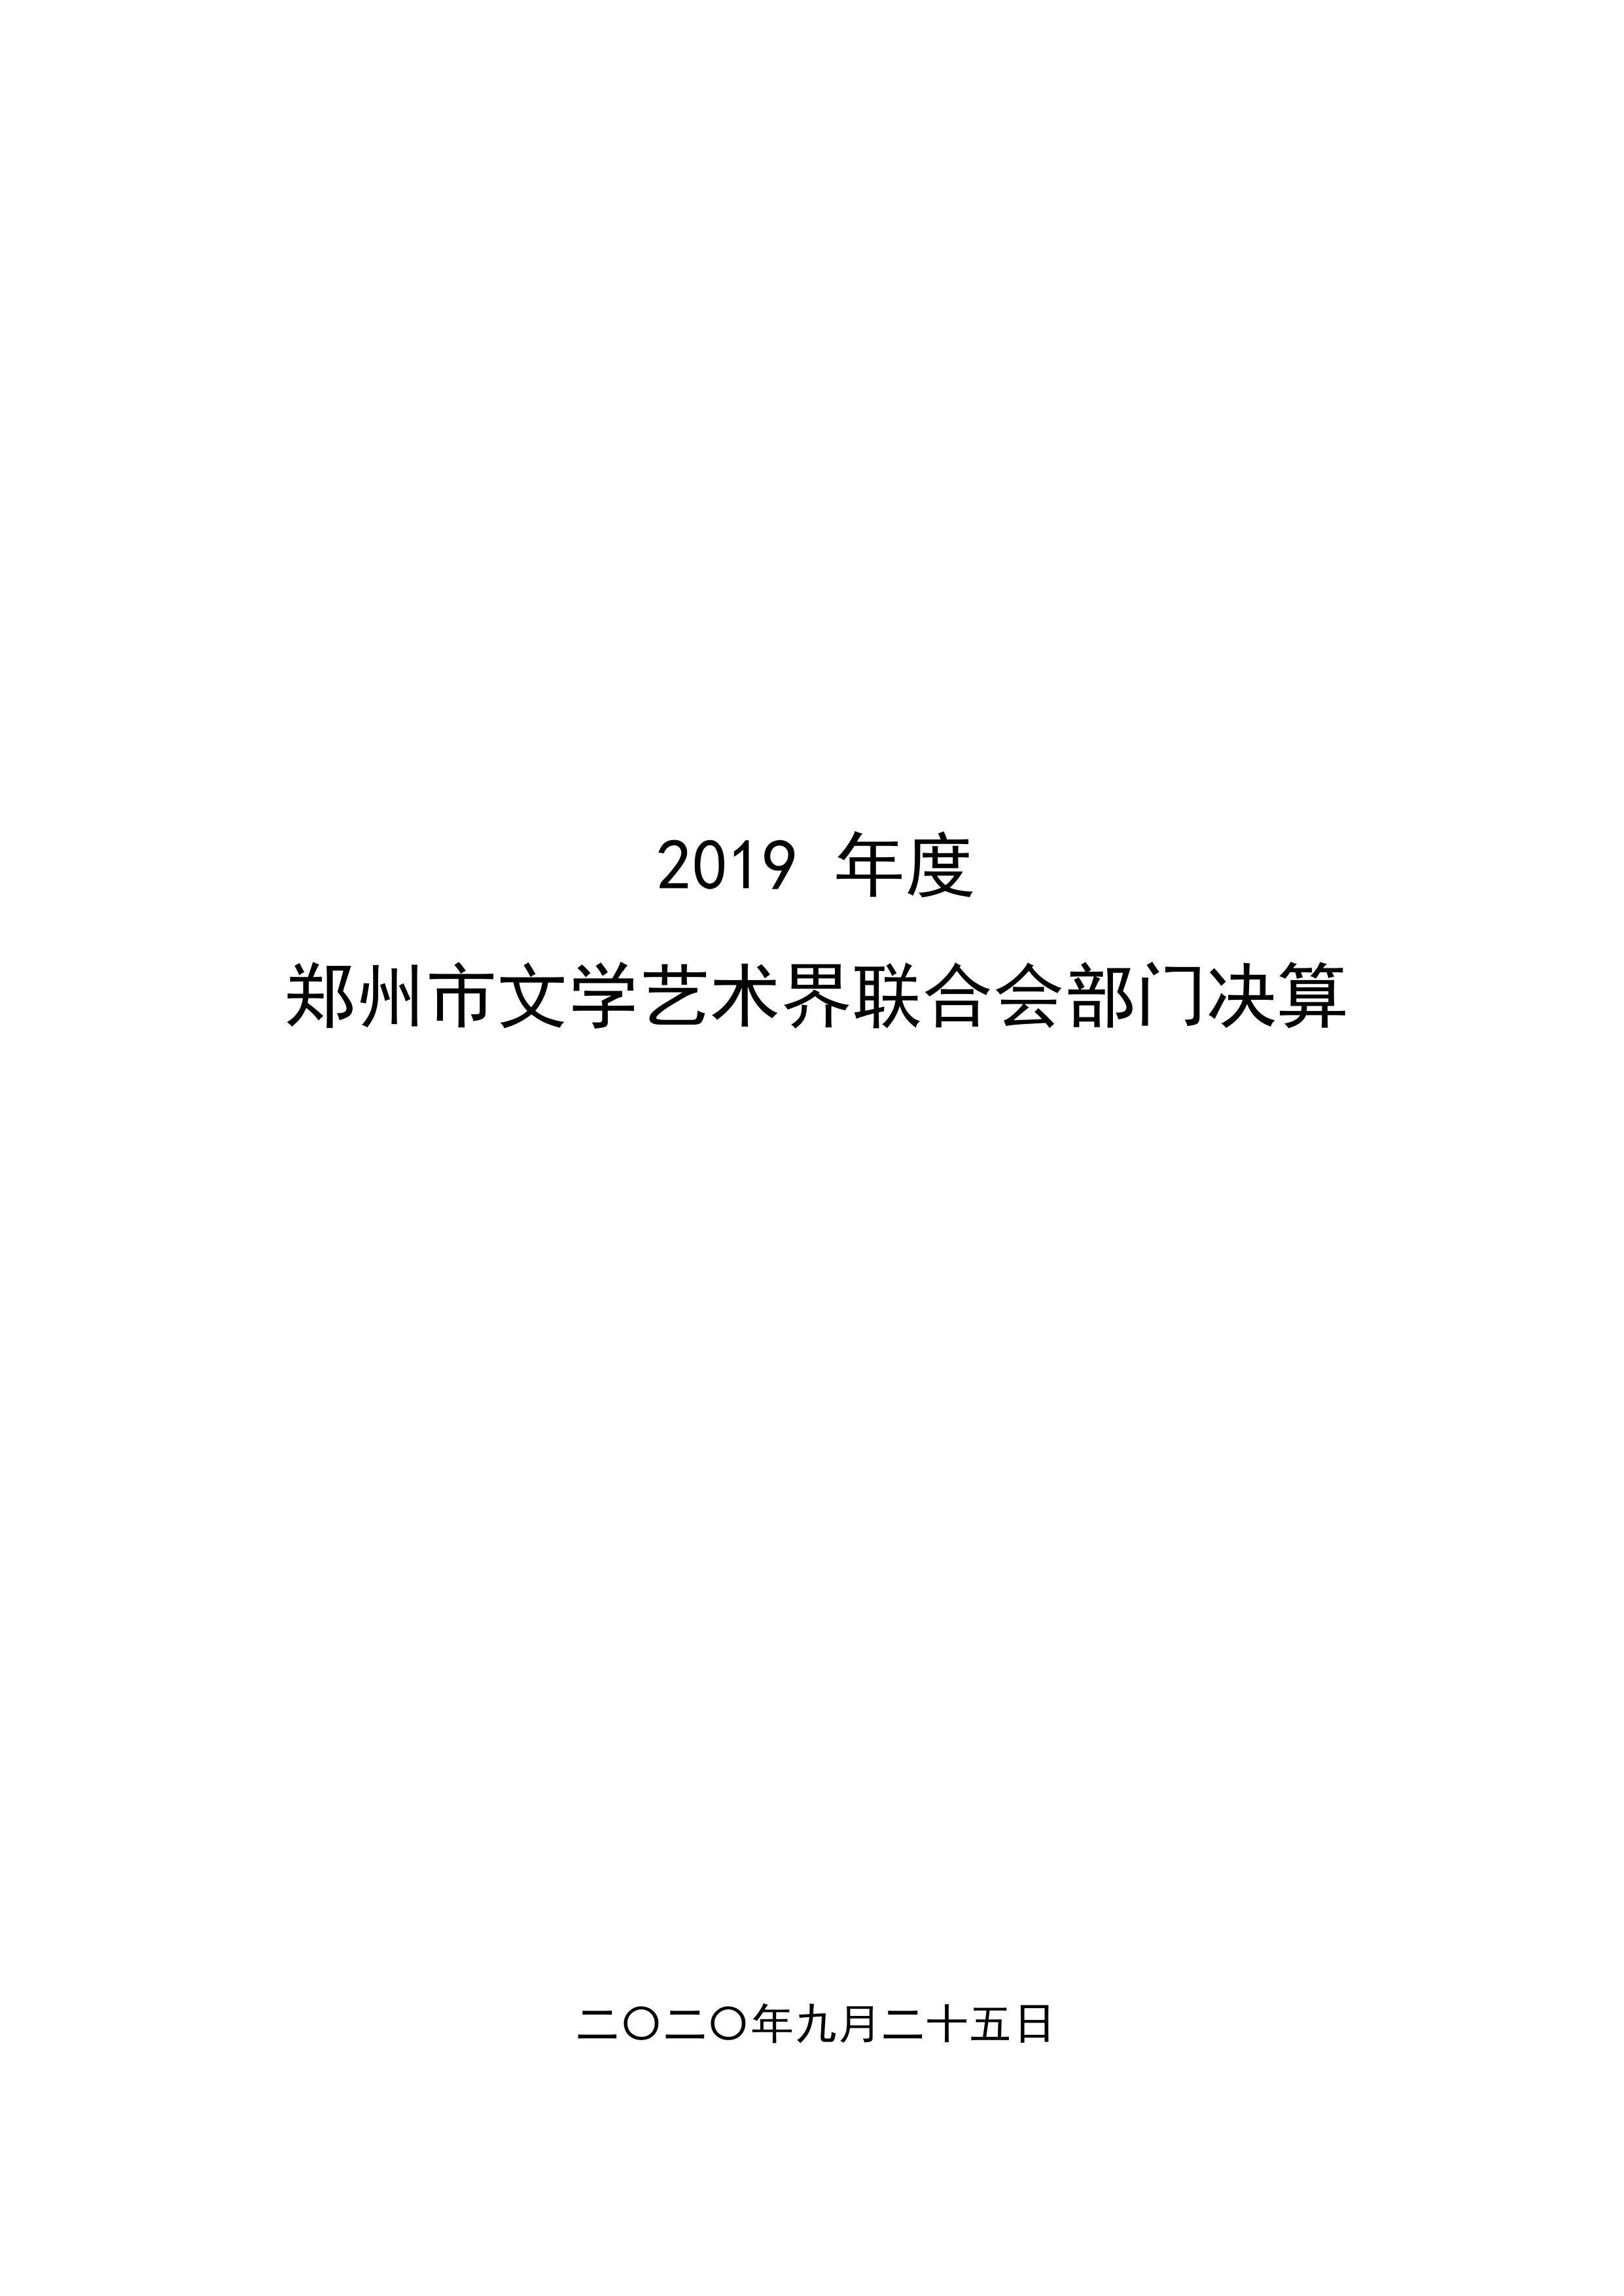 郑州市文学艺术界联合会2019年度部门决算公开